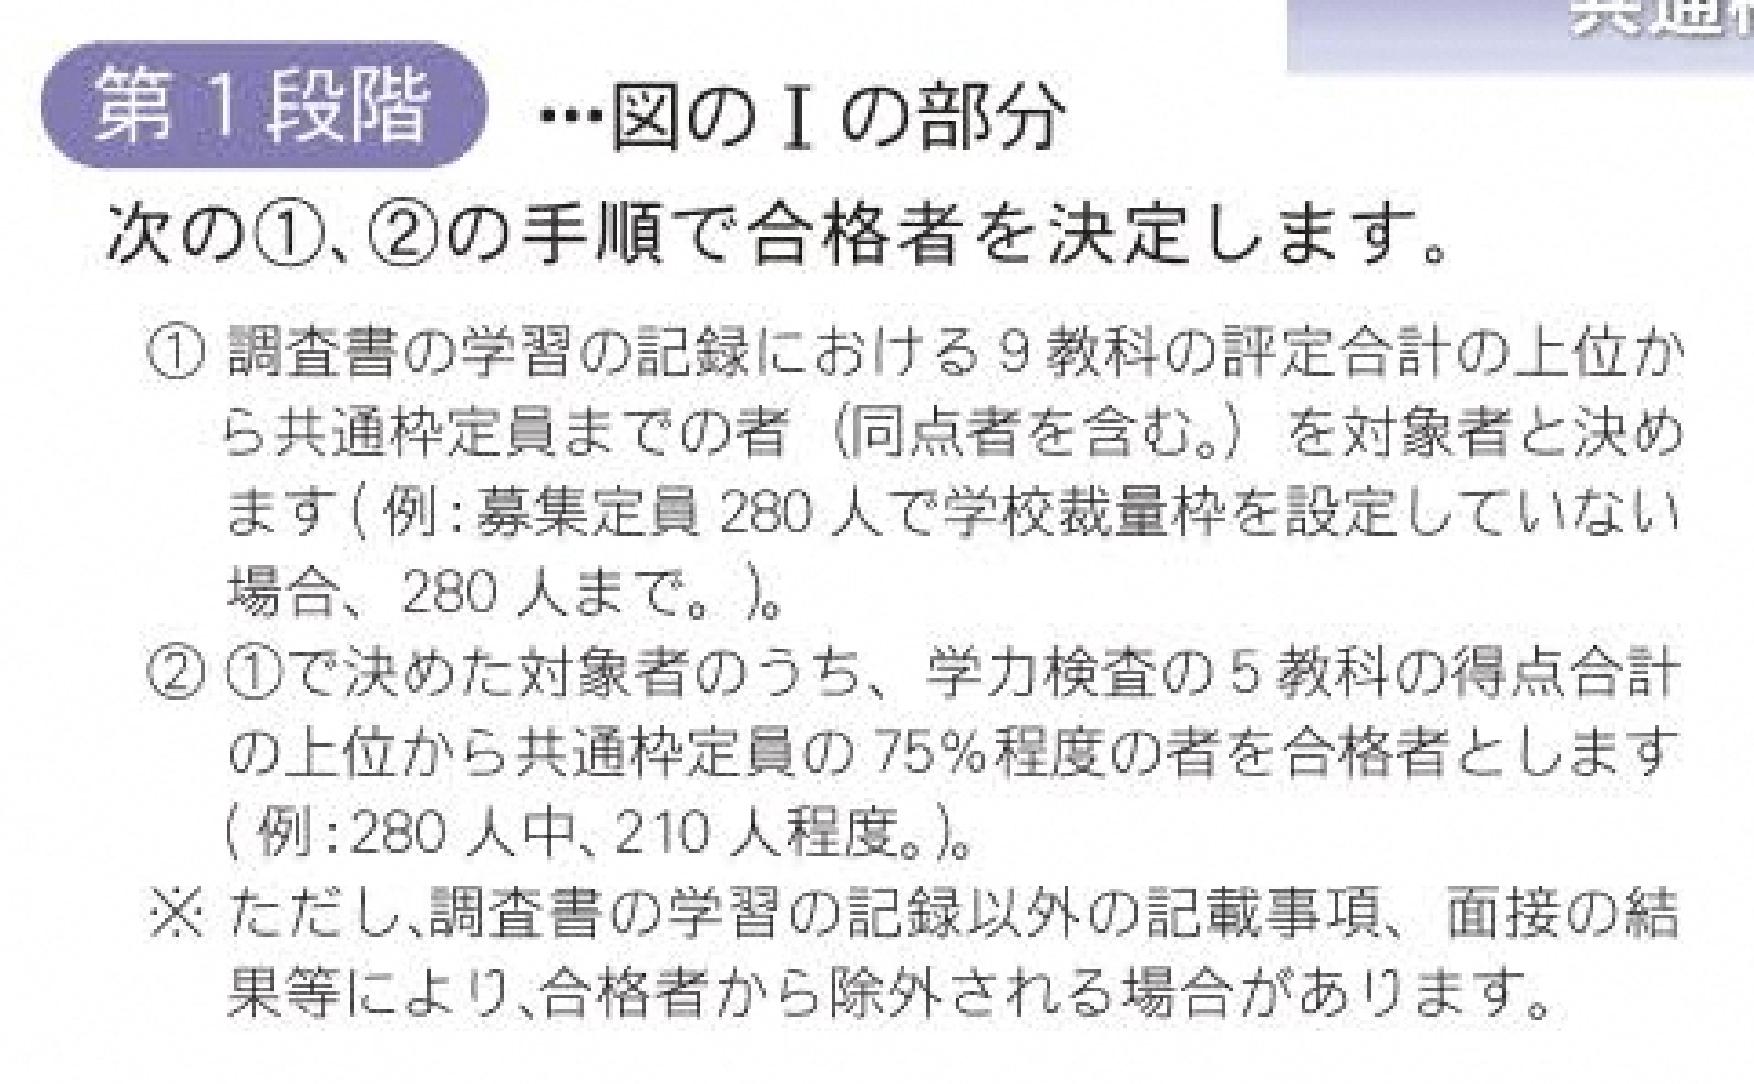 静岡県公立高校入試制度3